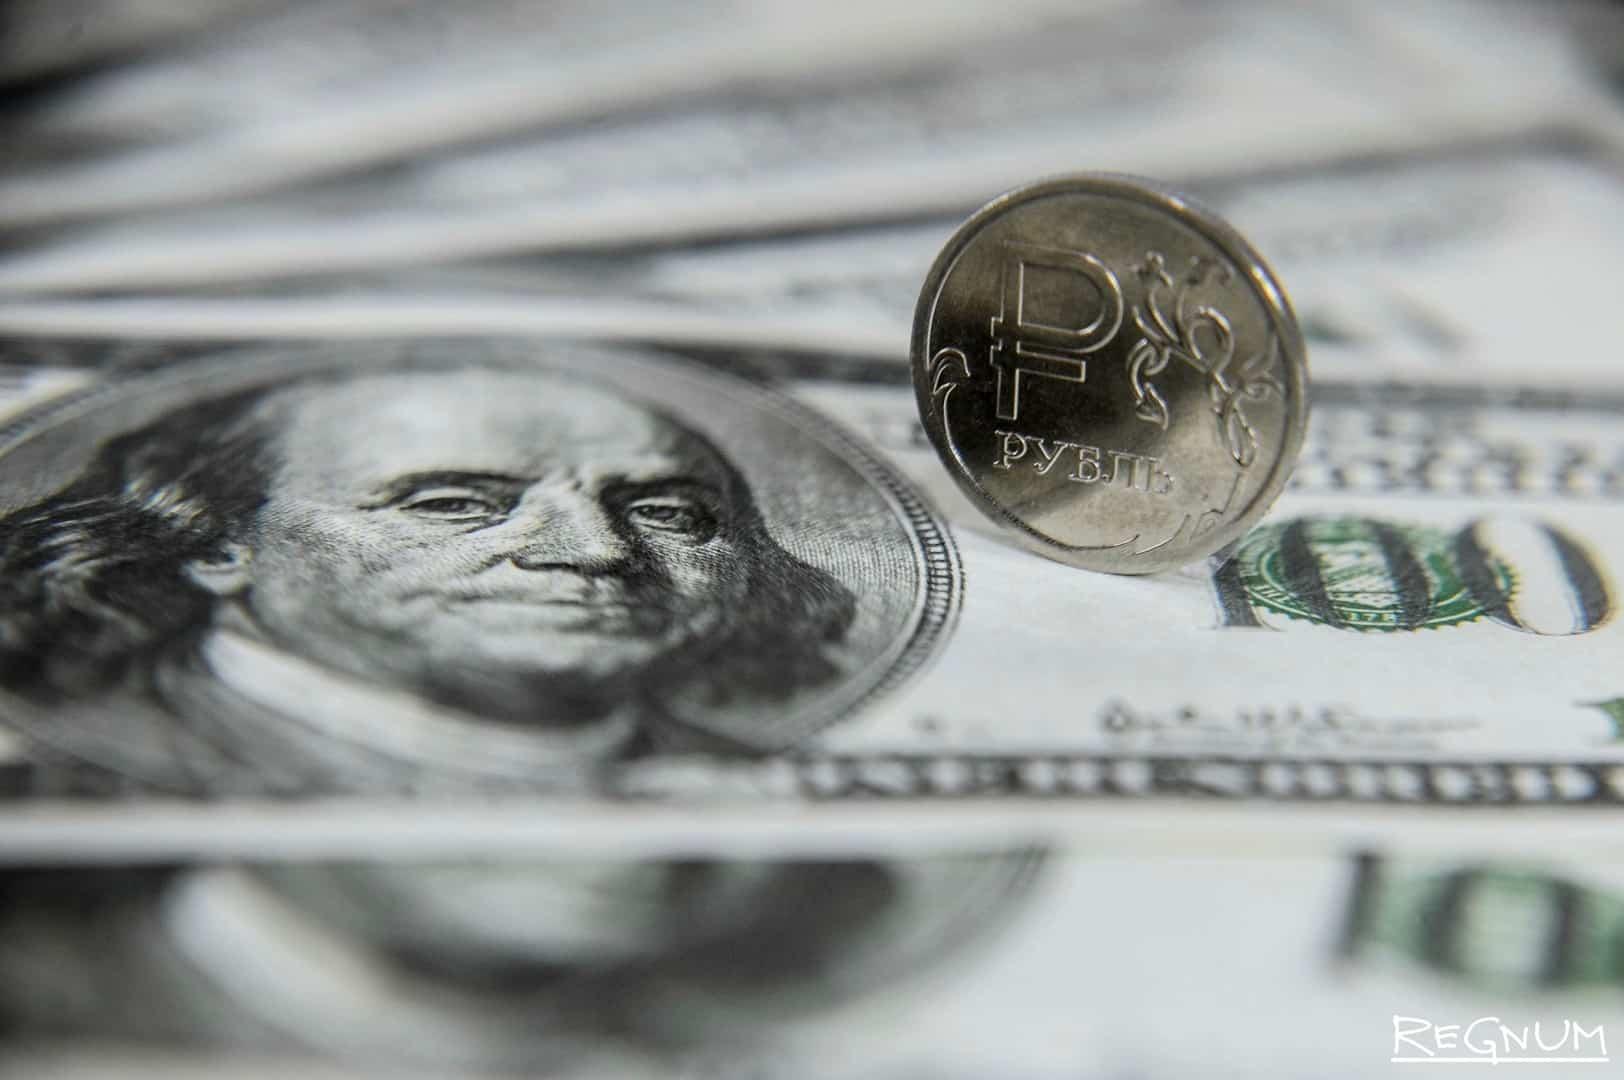 Прогнозы курса доллара в России на ноябрь 2019 года. Курс доллара на сегодня 7 ноября 2019, официальный курс центробанка России